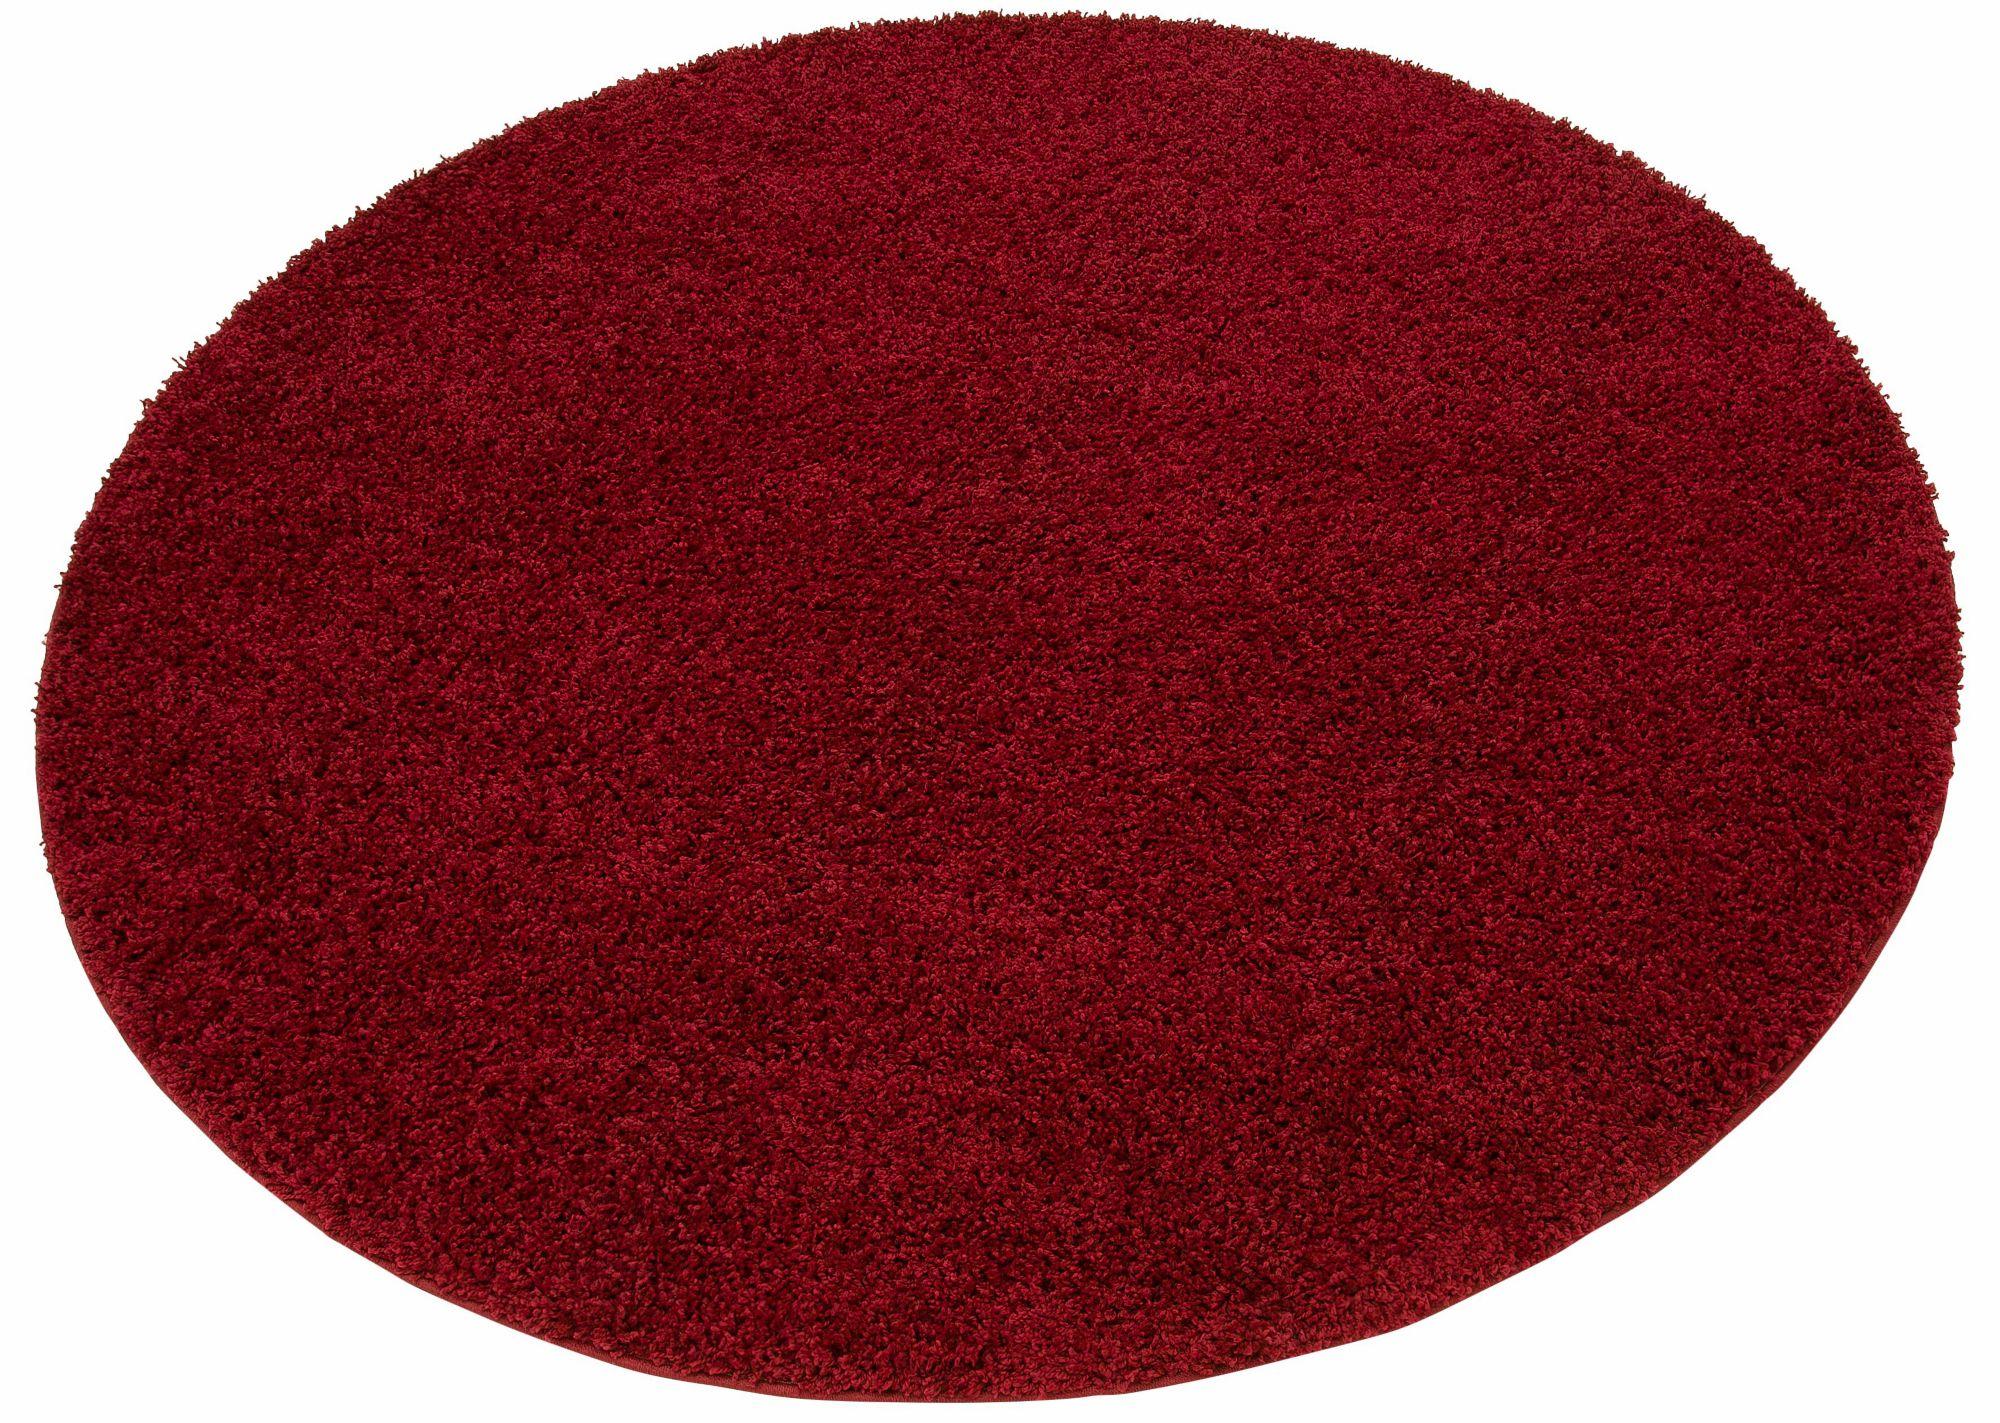 HOME AFFAIRE COLLECTION Hochflor-Teppich, rund, Home affaire Collection, »Shaggy 30«, Höhe 30 mm, gewebt